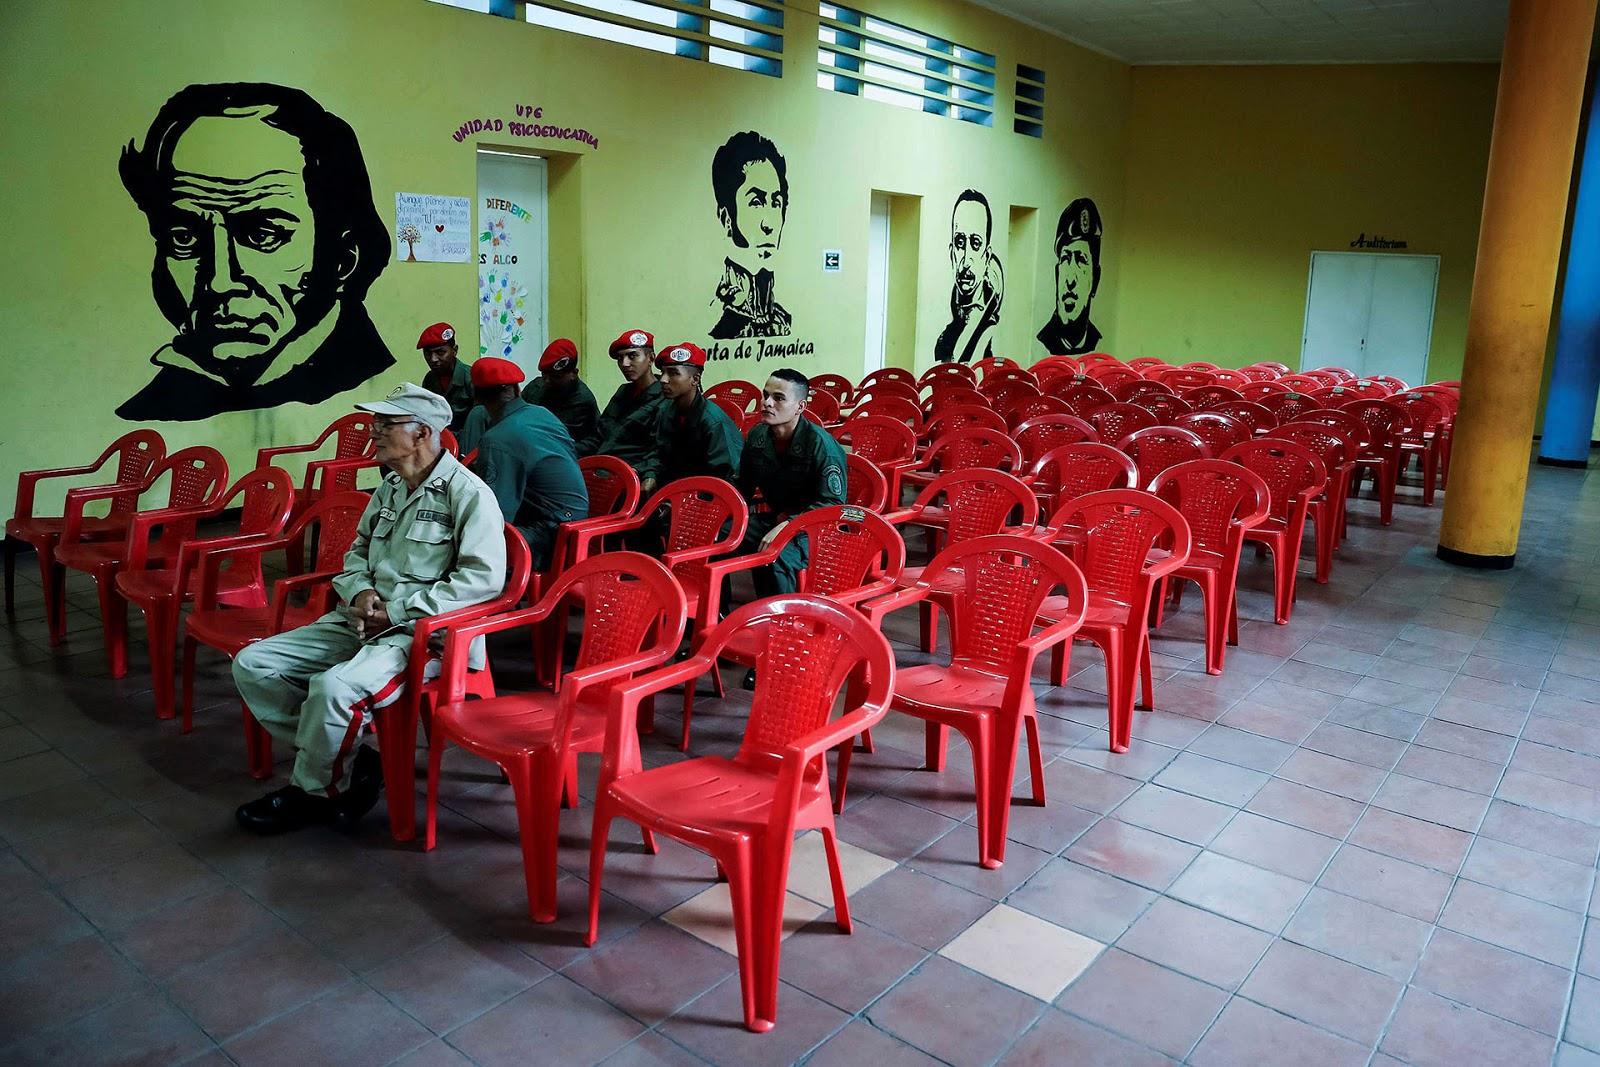 Los recintos electorales contaban con pocas personas hasta el cierre de la votación / INFOBAE